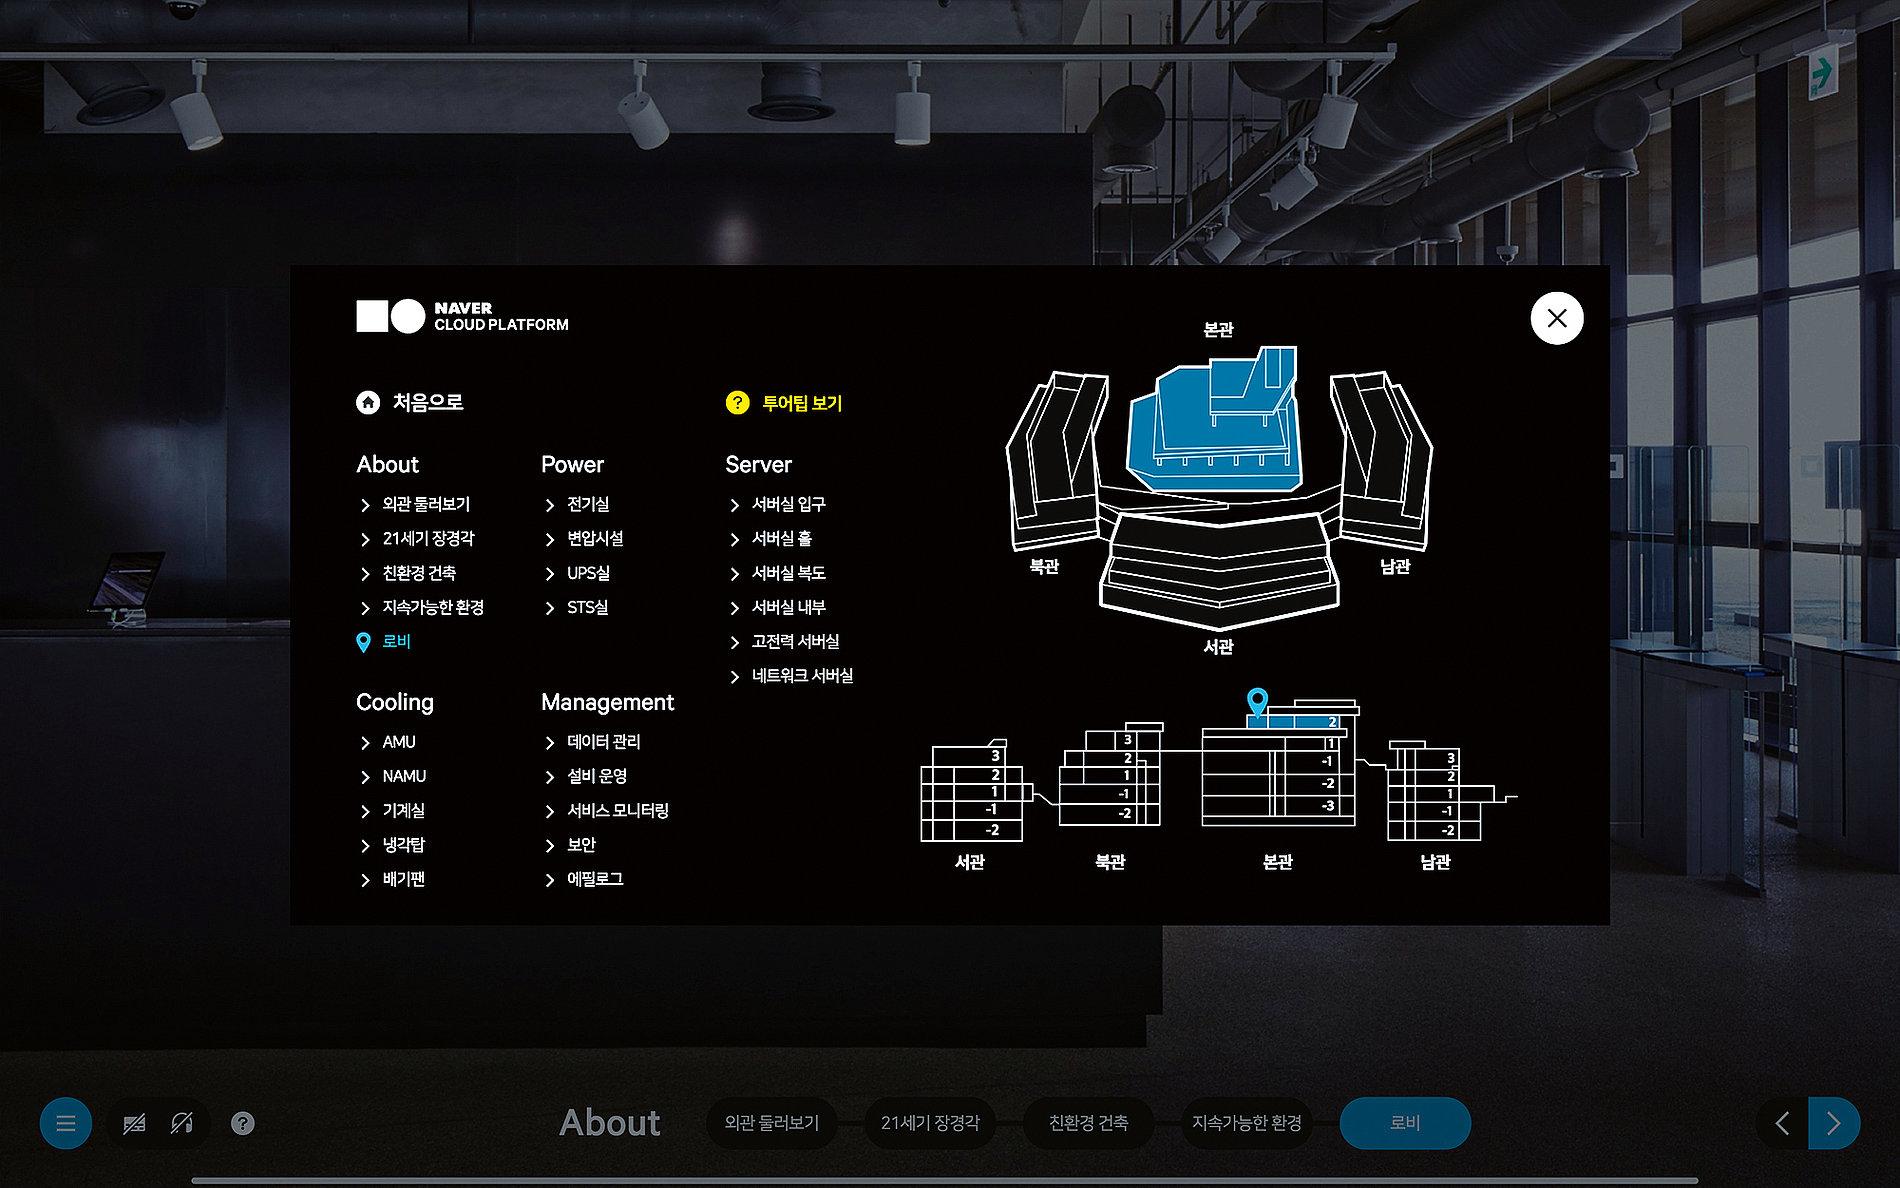 NAVER Cloud Platform – Data Center Virtual Tour | Red Dot Design Award